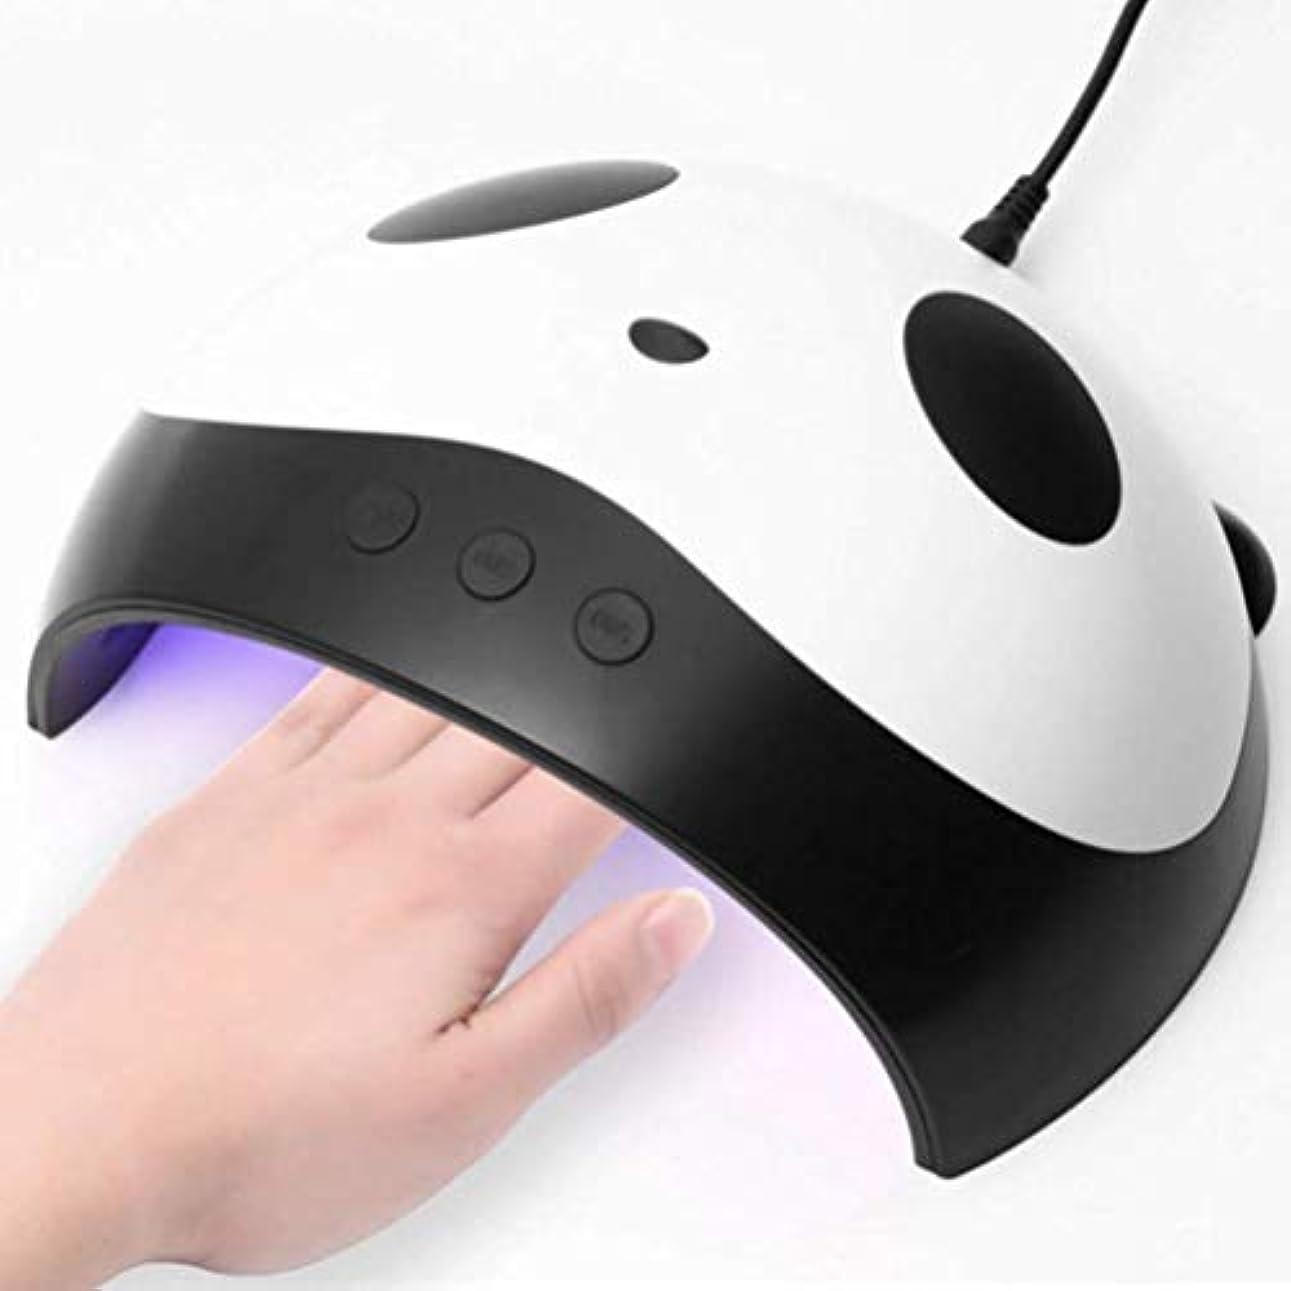 速記印刷するヘルメットFlymylion ネイルライト ジェルネイルドライヤー 硬化用 ジェルネイルuv/ledライト36W新型 マニキュア用具 硬化用 USB接続12ライト 3種類時間設定 可愛い パンダ形